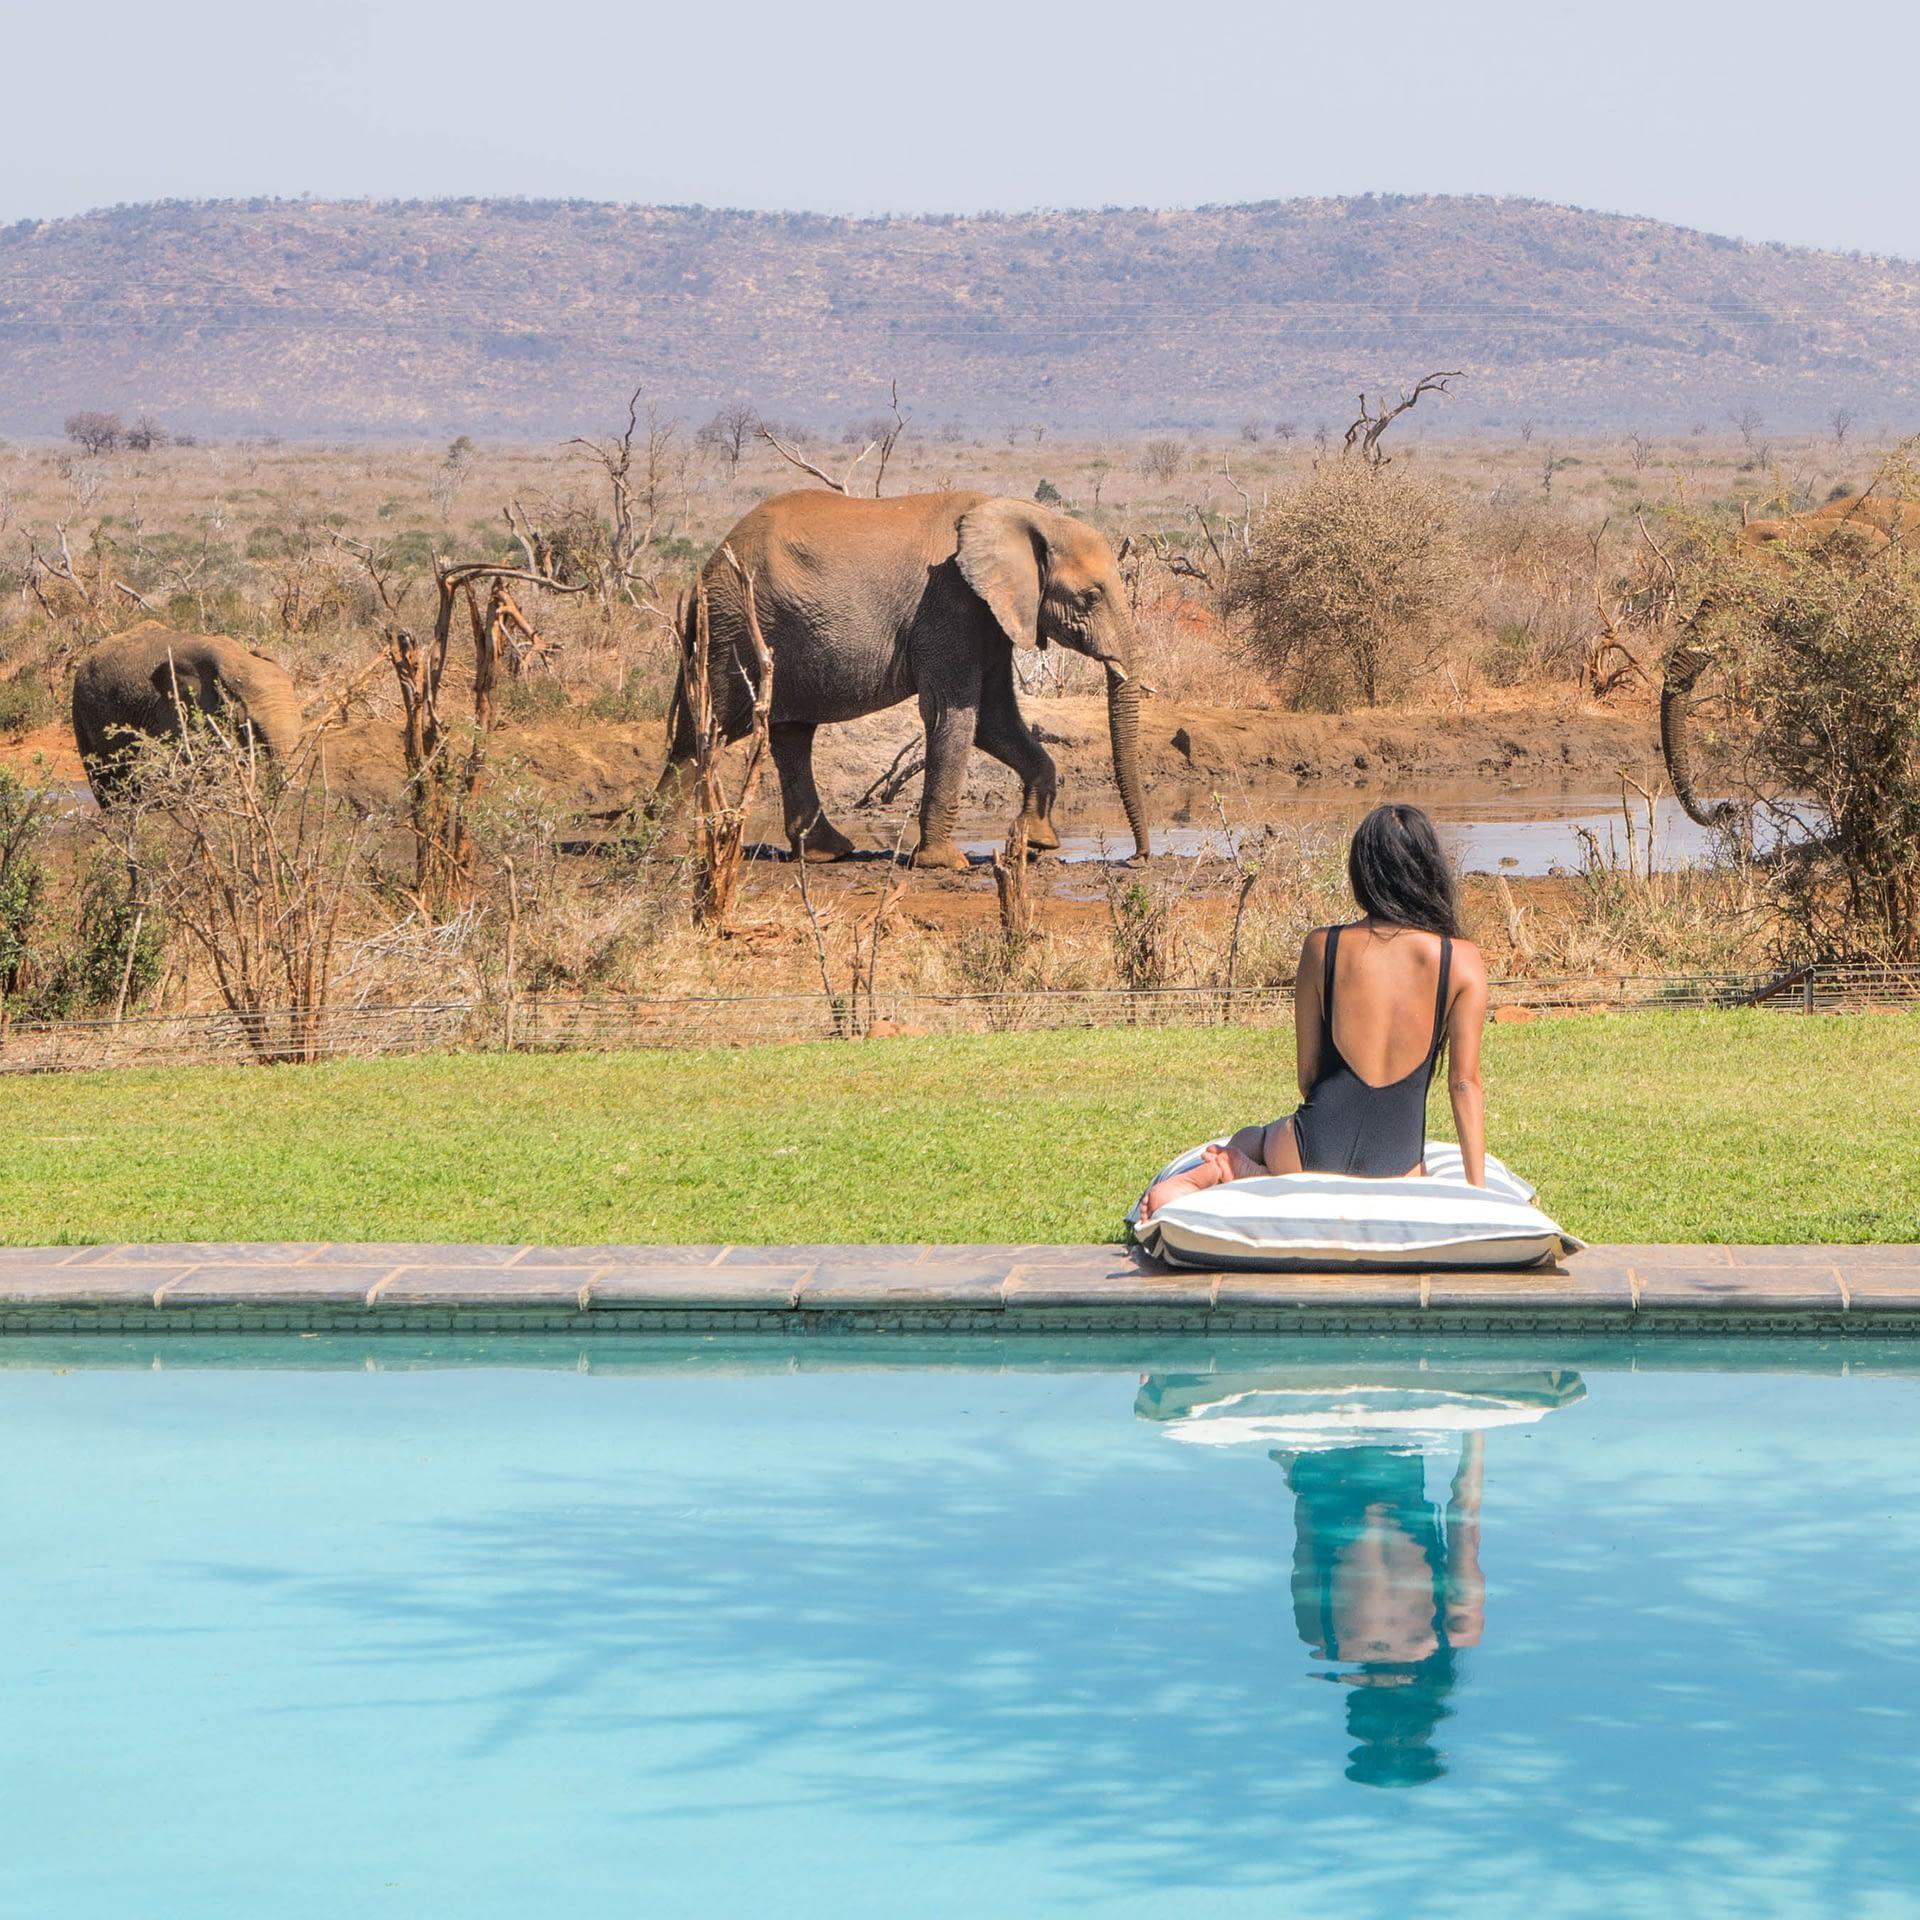 サウスアフリカ観光局